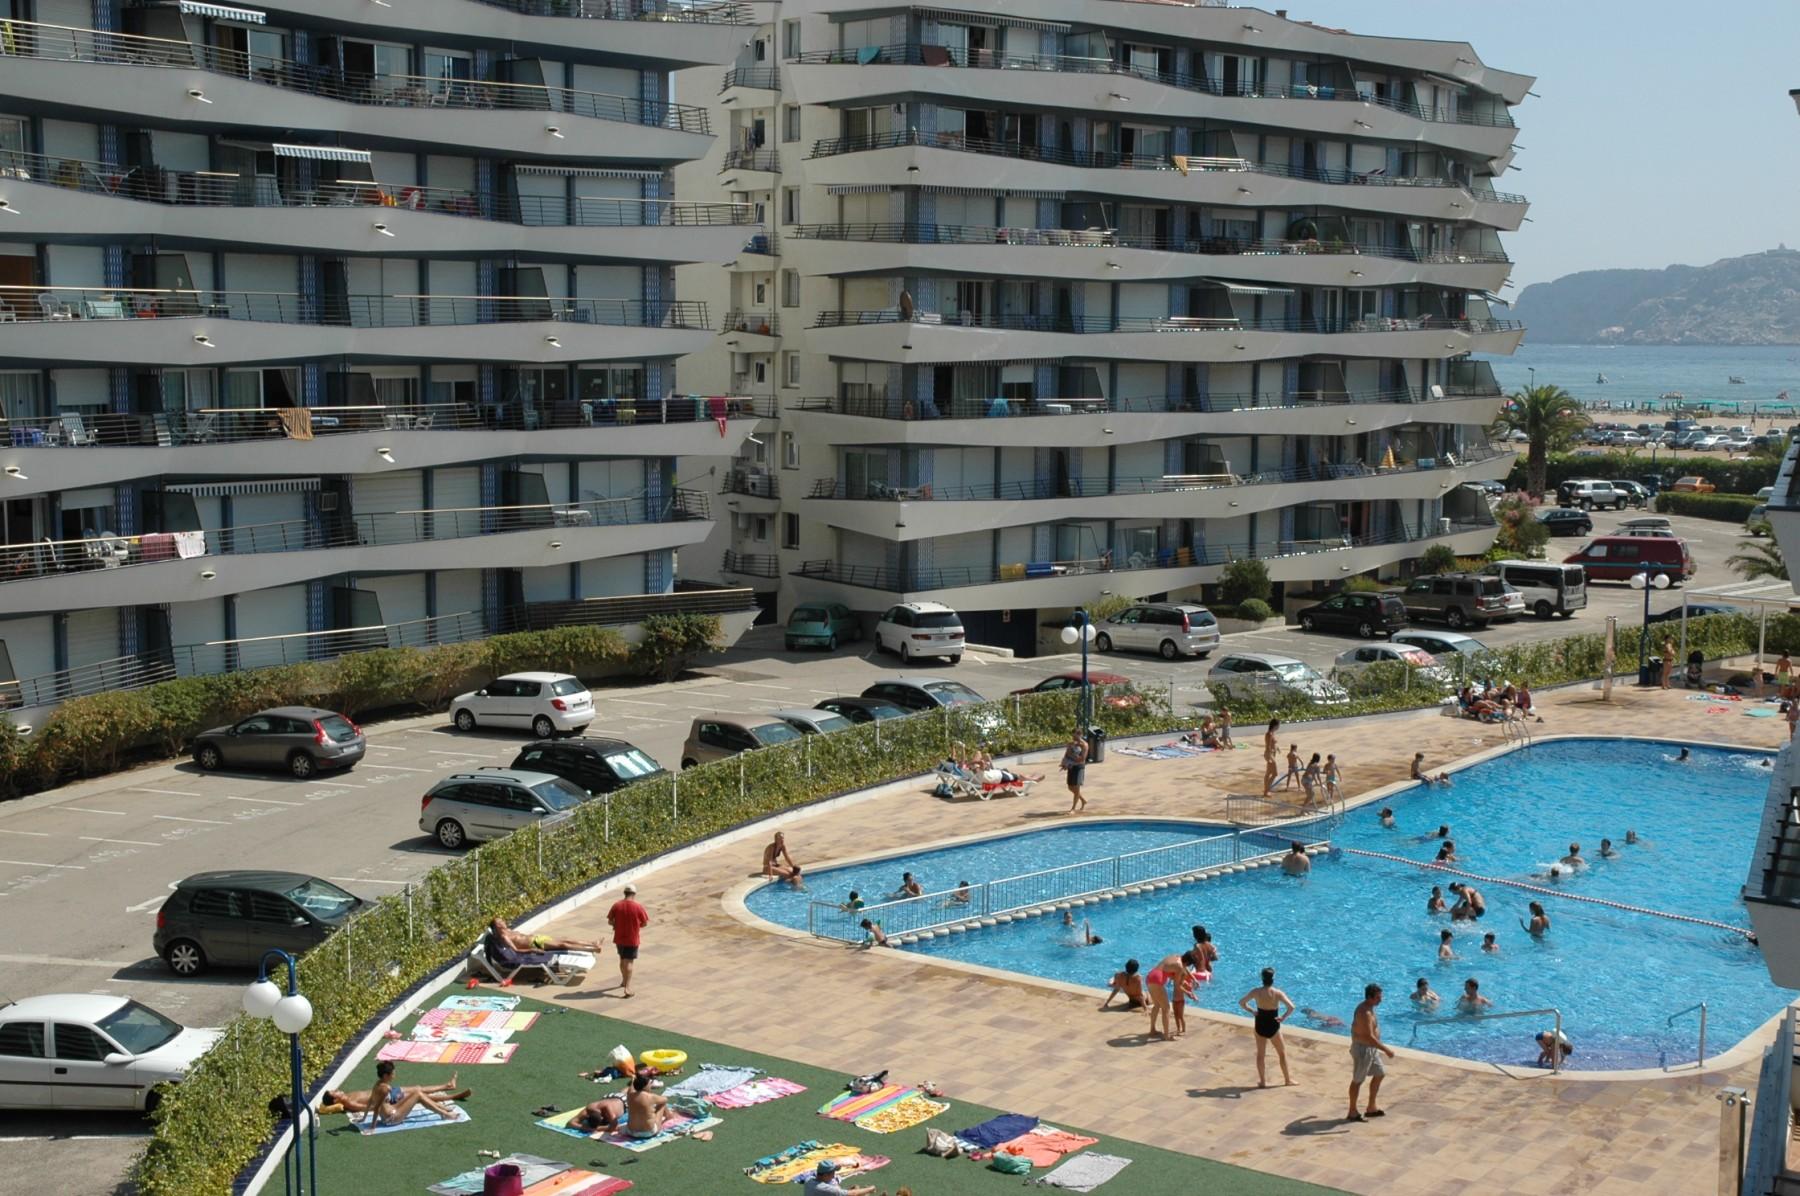 ROCAMAURA I  B 1º-2ª for 6 guests in L Estartit, Spain